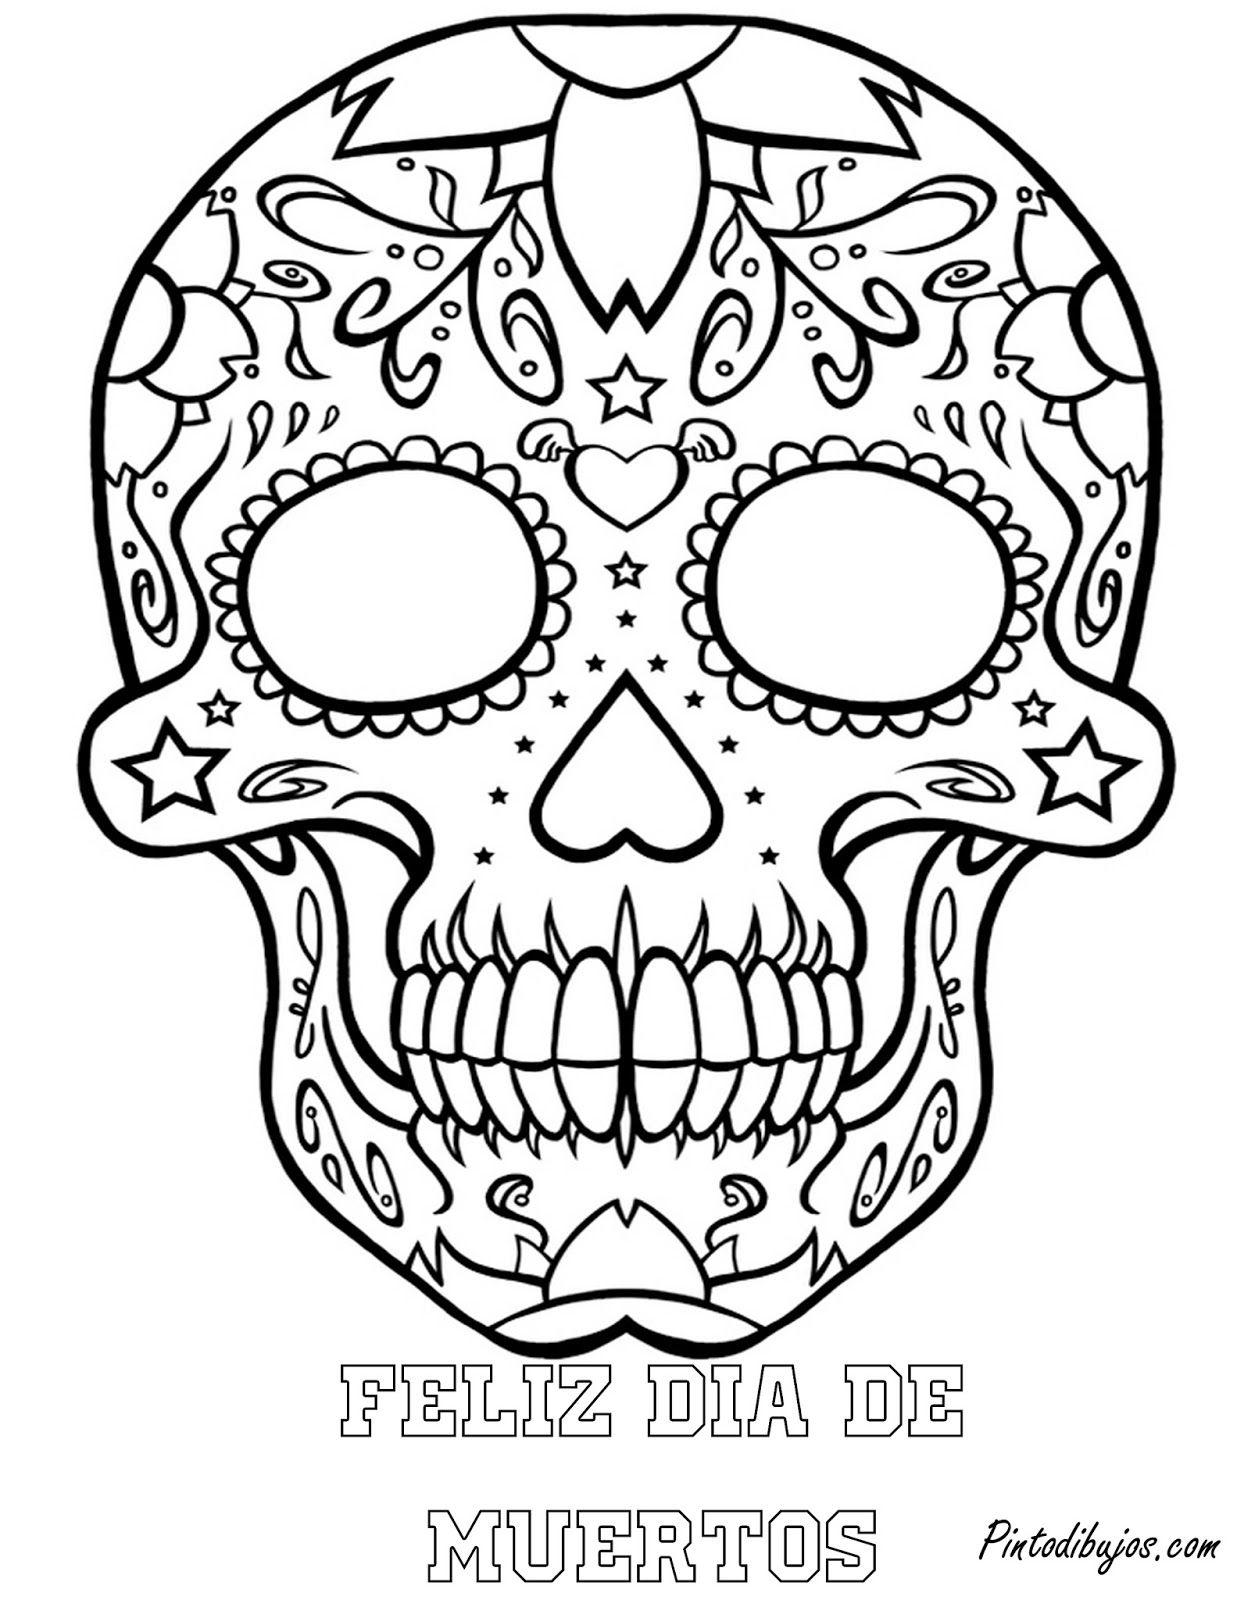 El Dia De Los Muertos Skulls Coloring Pages - Coloring Home